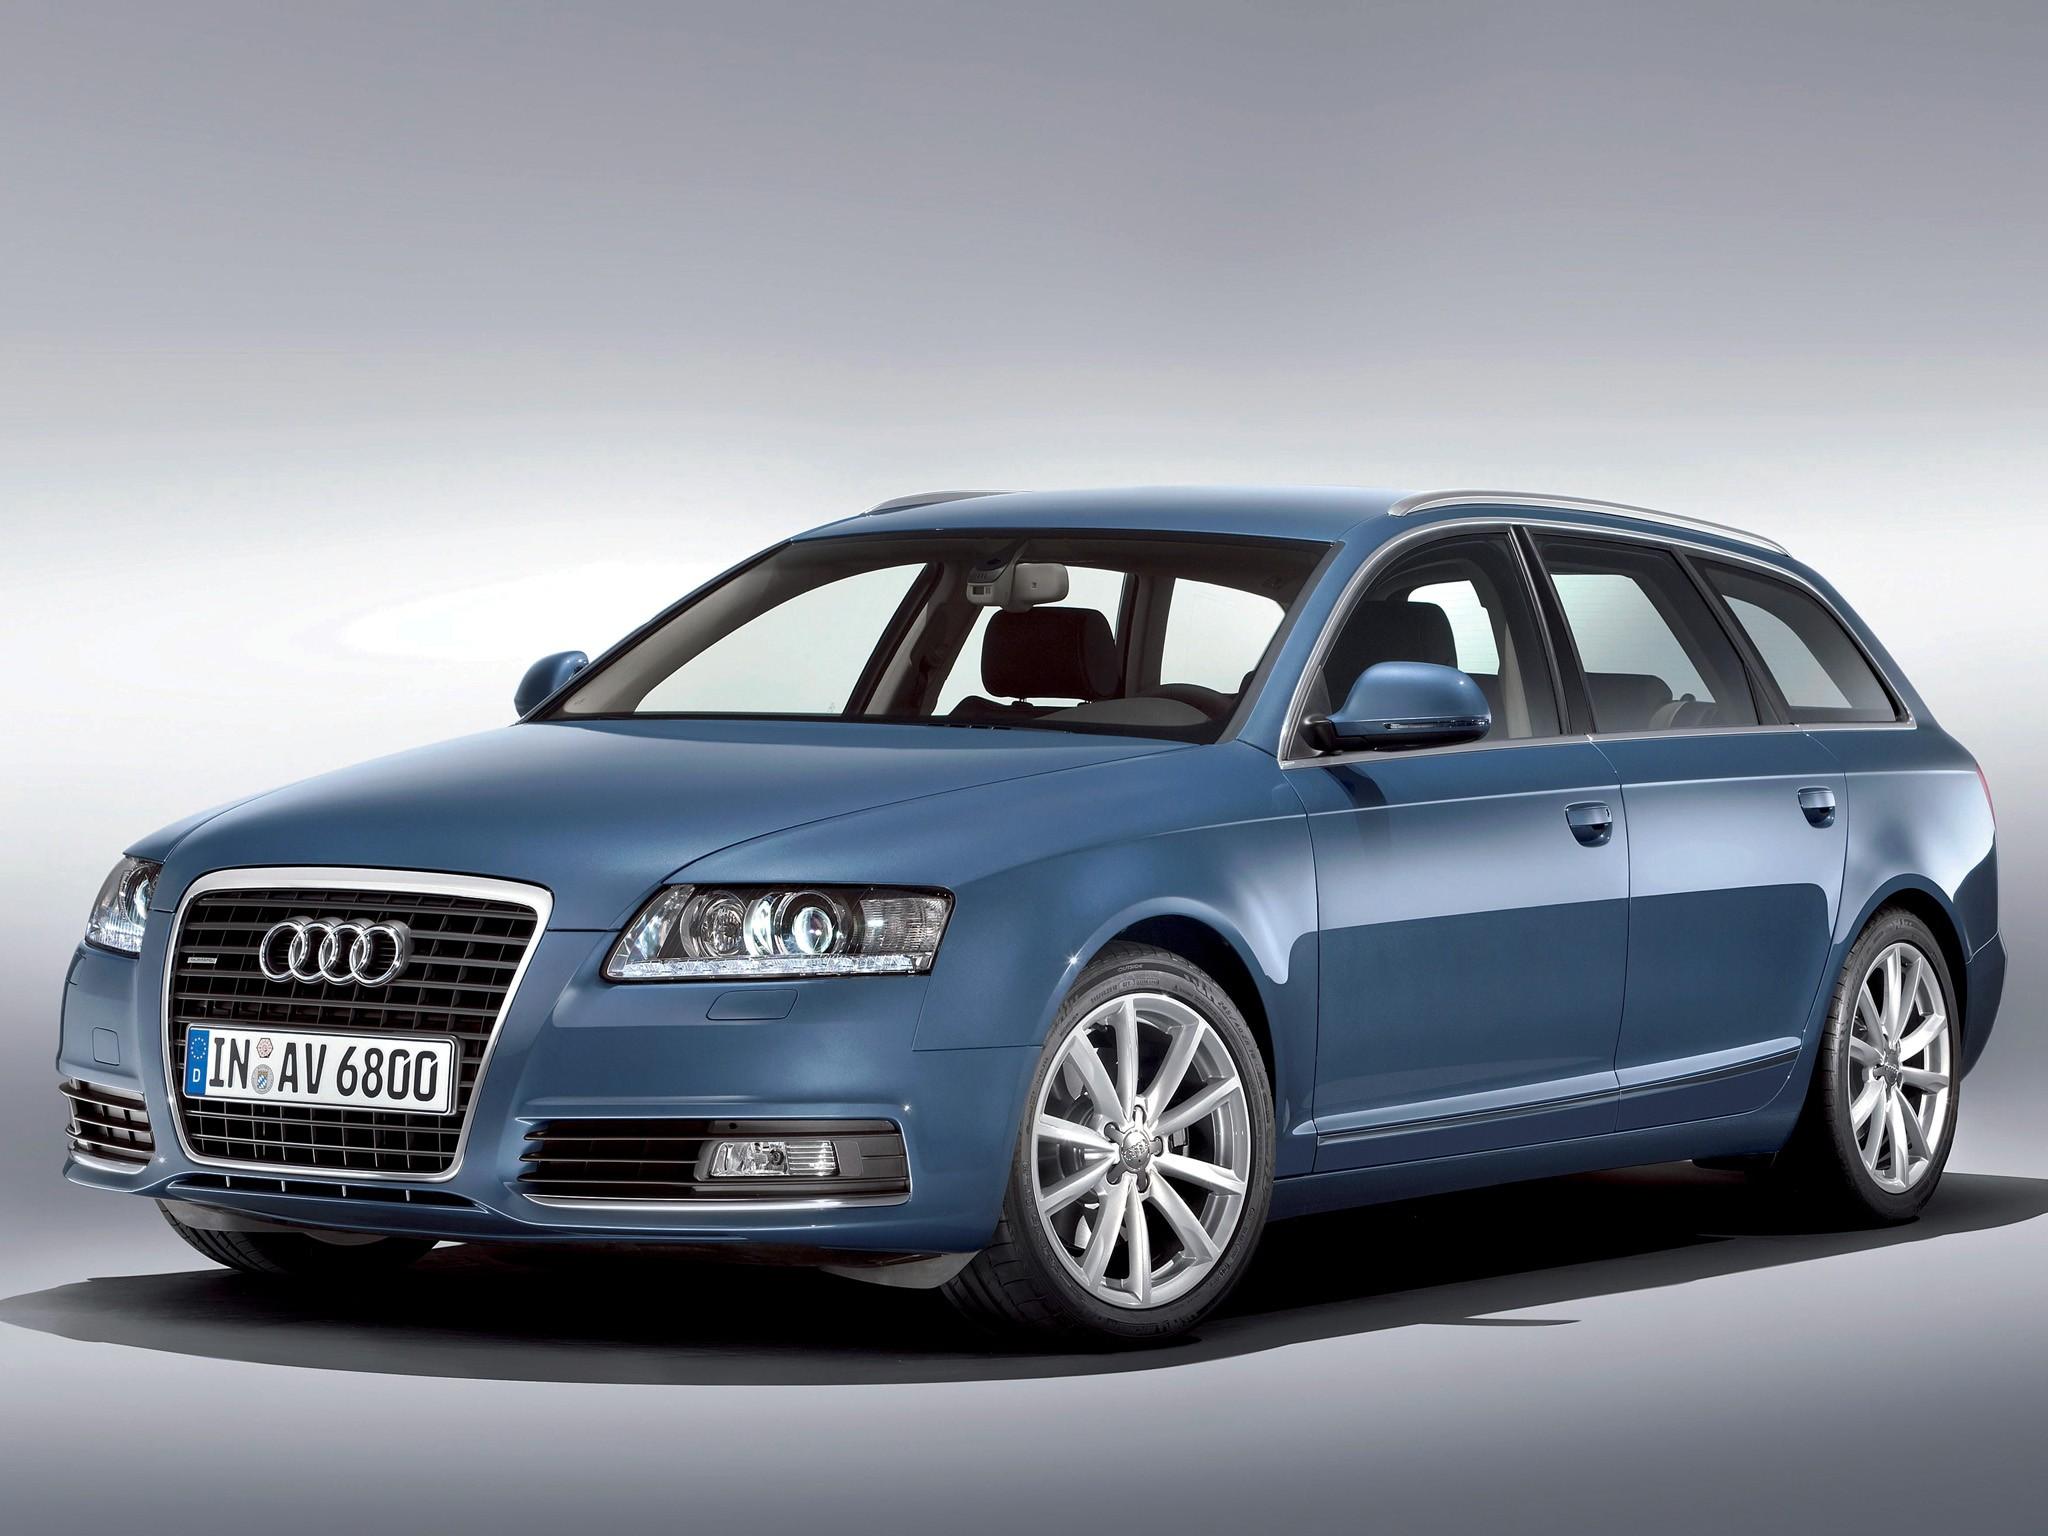 Kekurangan Audi A6 Avant Harga